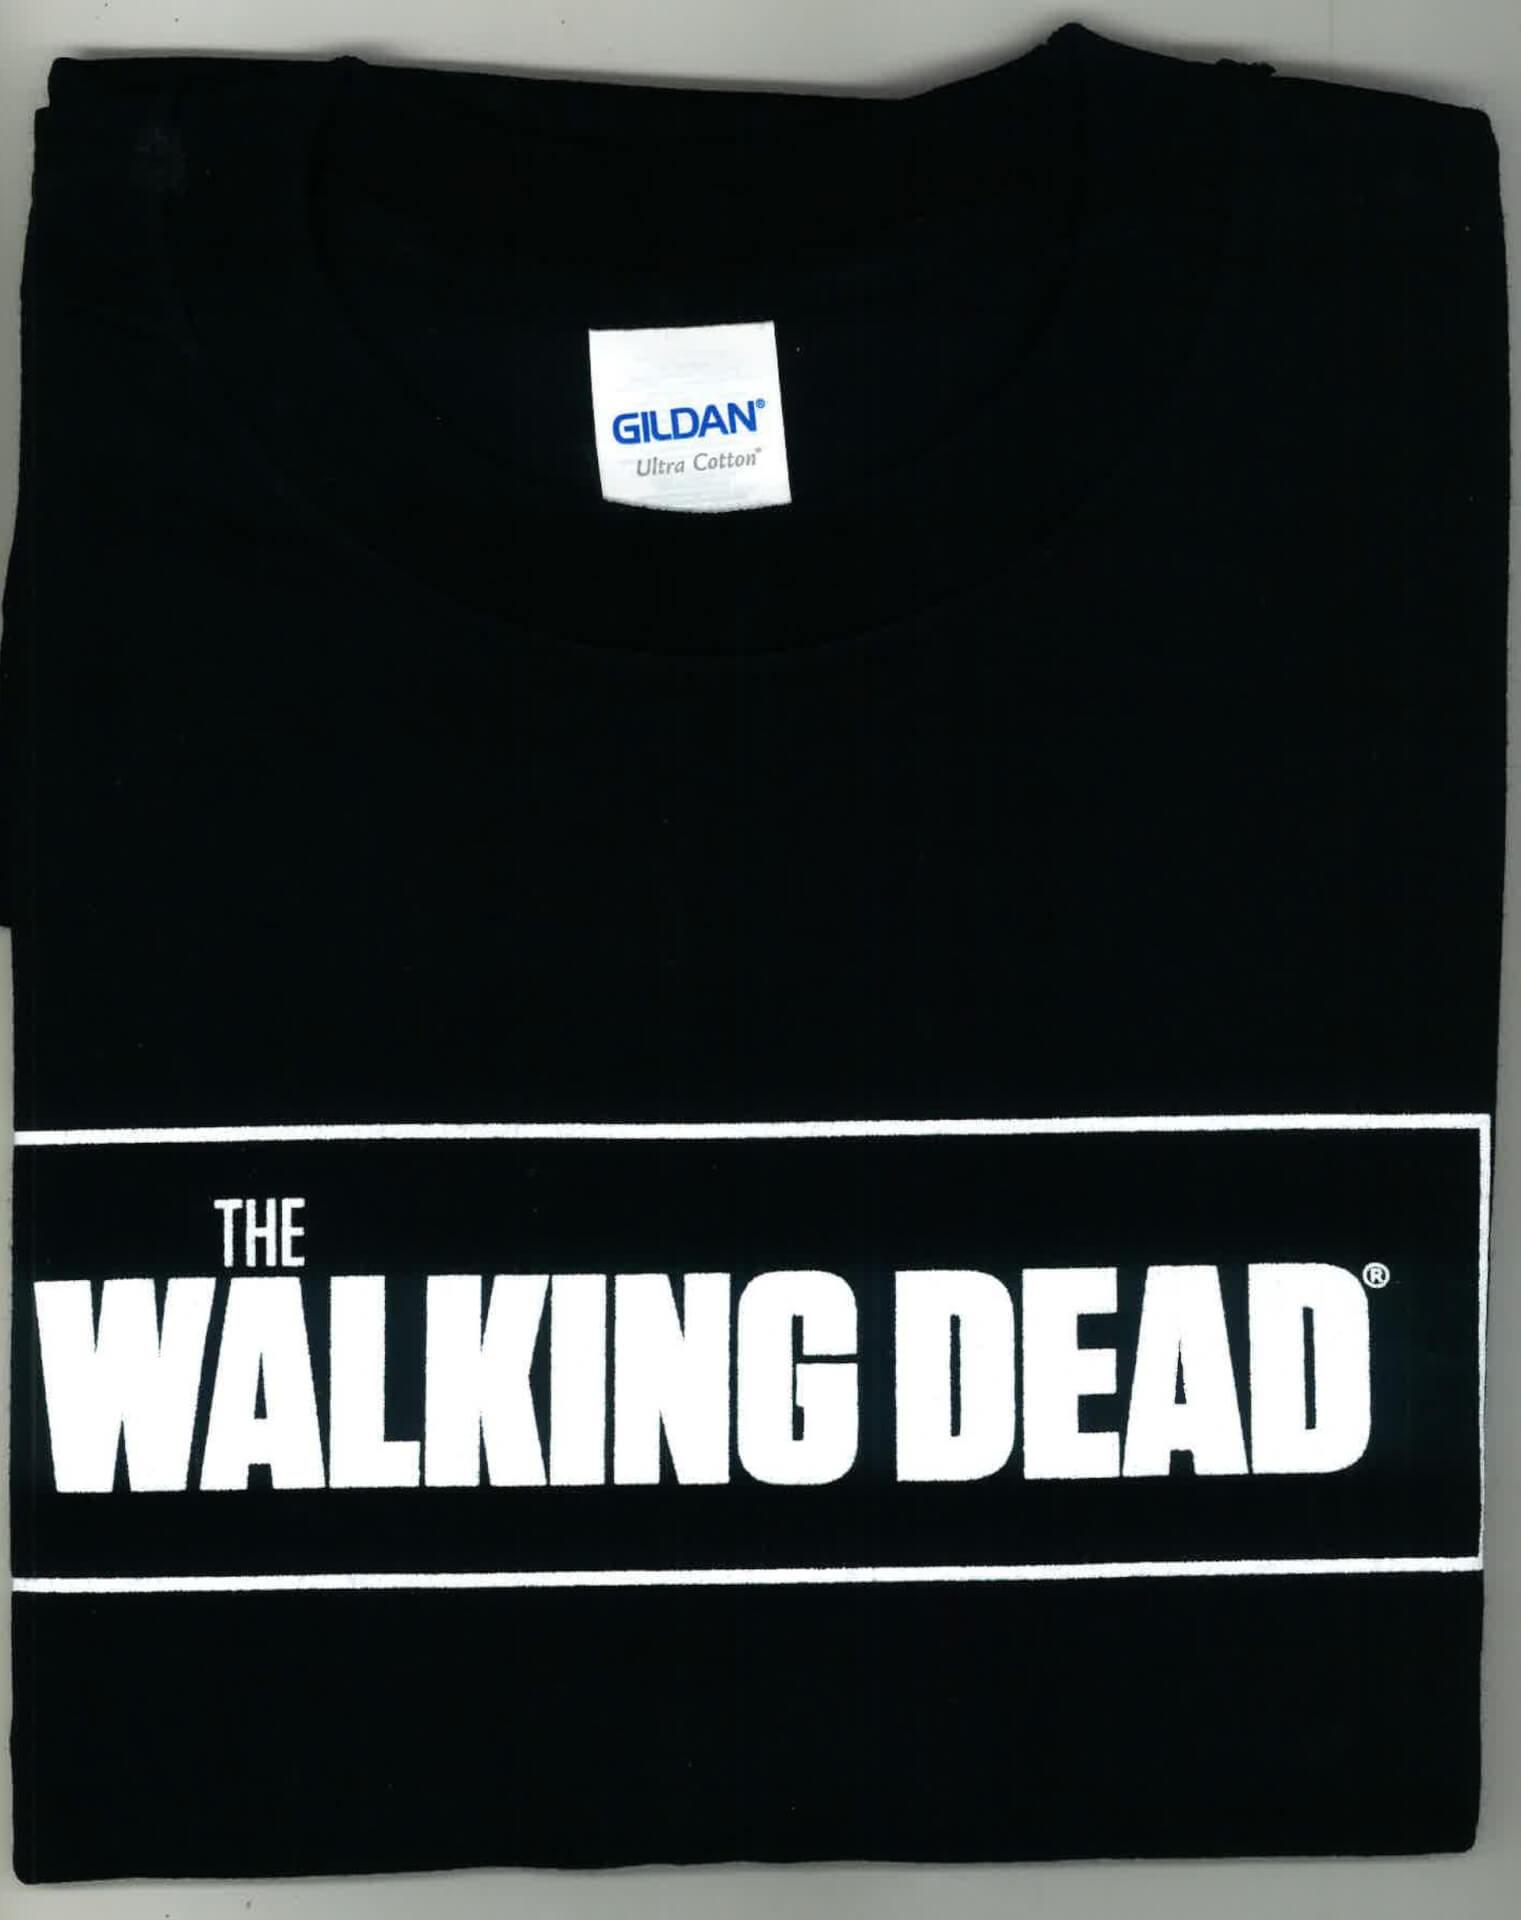 『ウォーキング・デッド』シーズン10のHulu配信スタート記念オリジナルTシャツを3名様にプレゼント! art191025_walkingdead_present_2